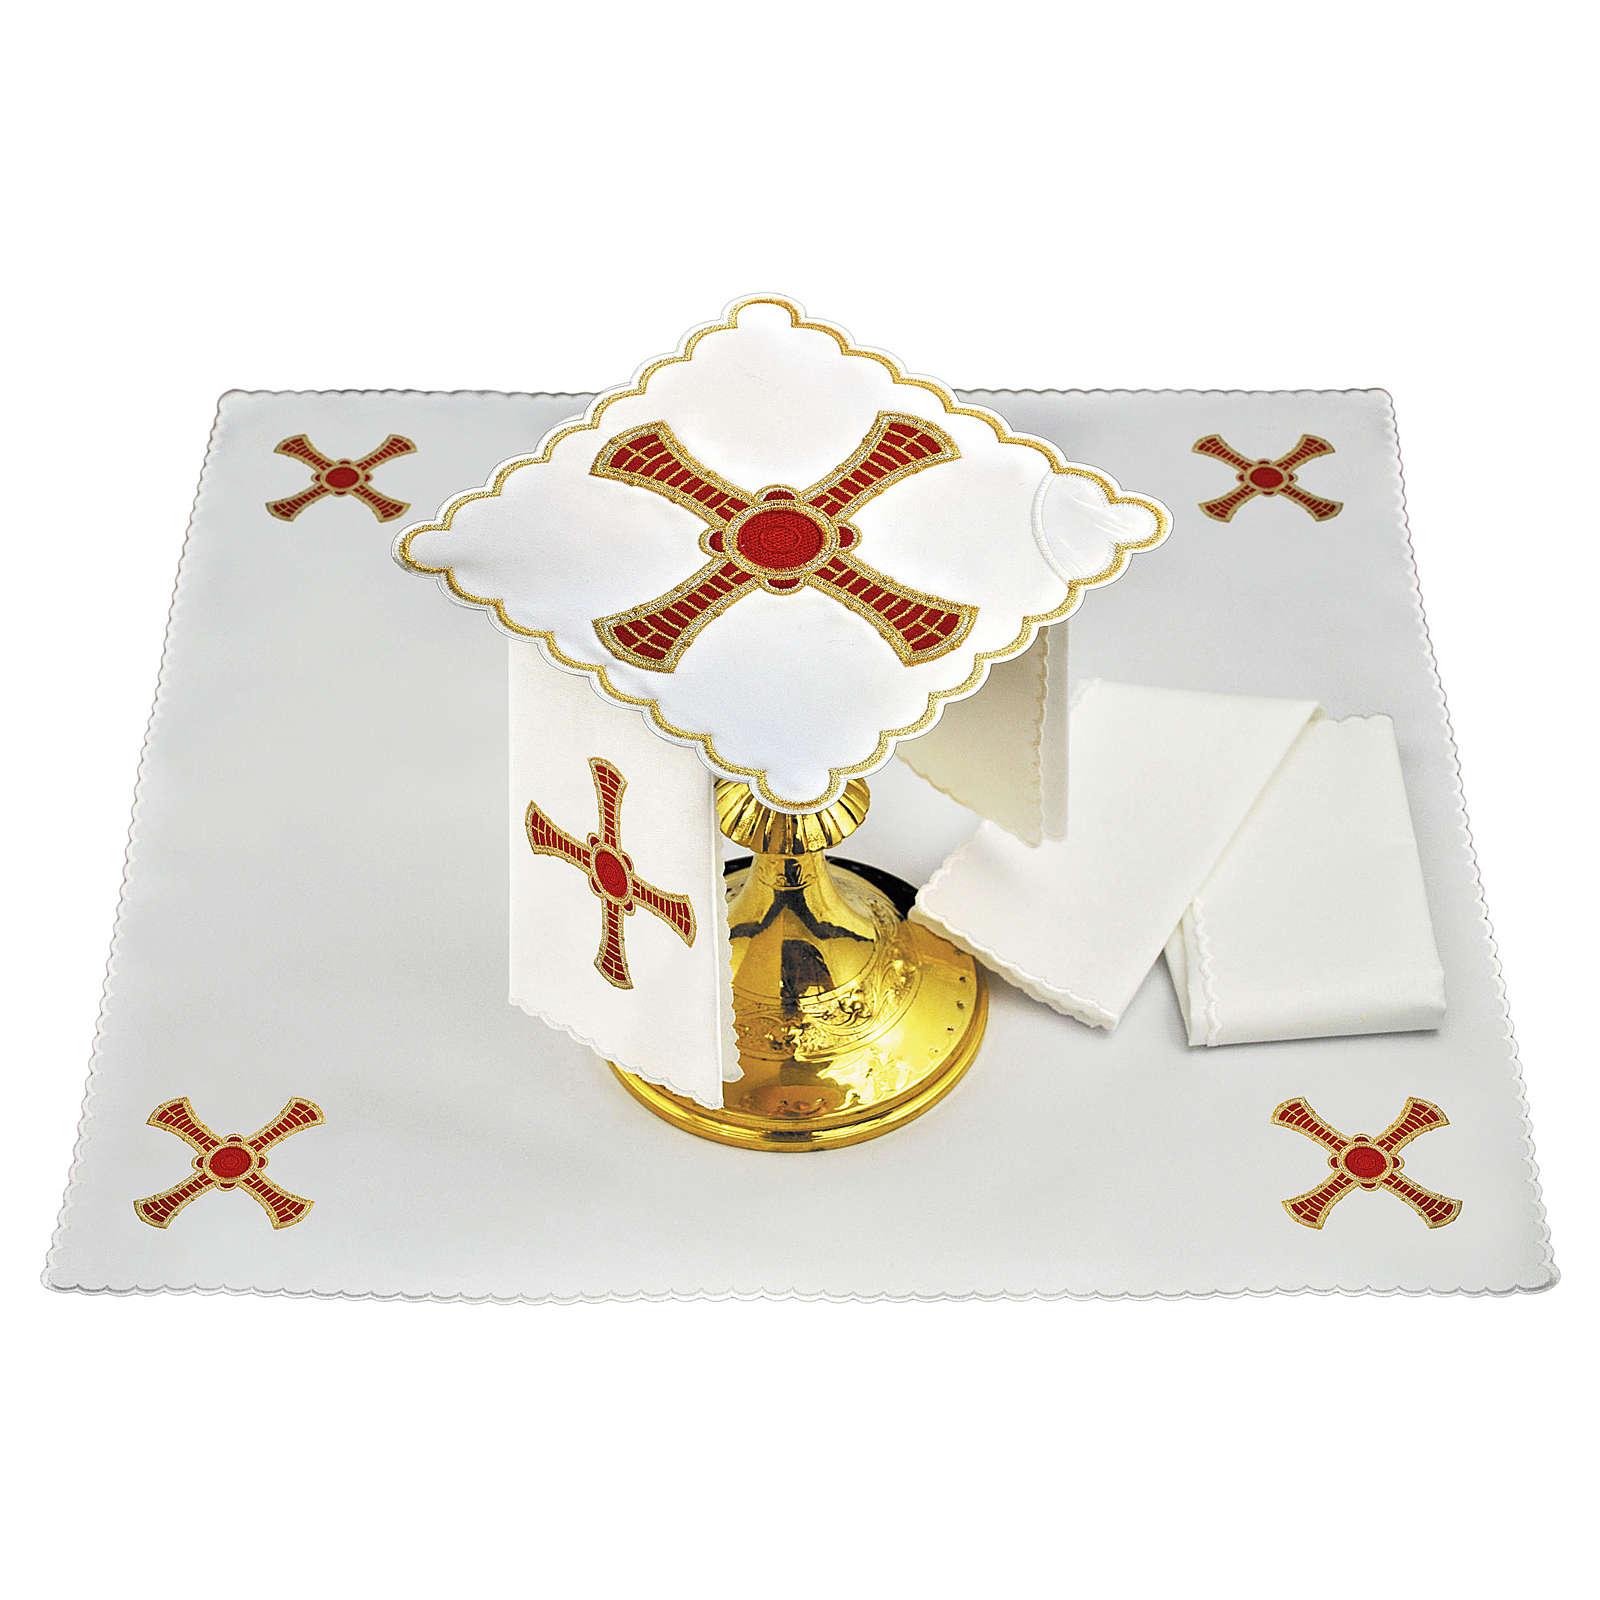 Servizio da altare cotone croce rossa oro con righe 4